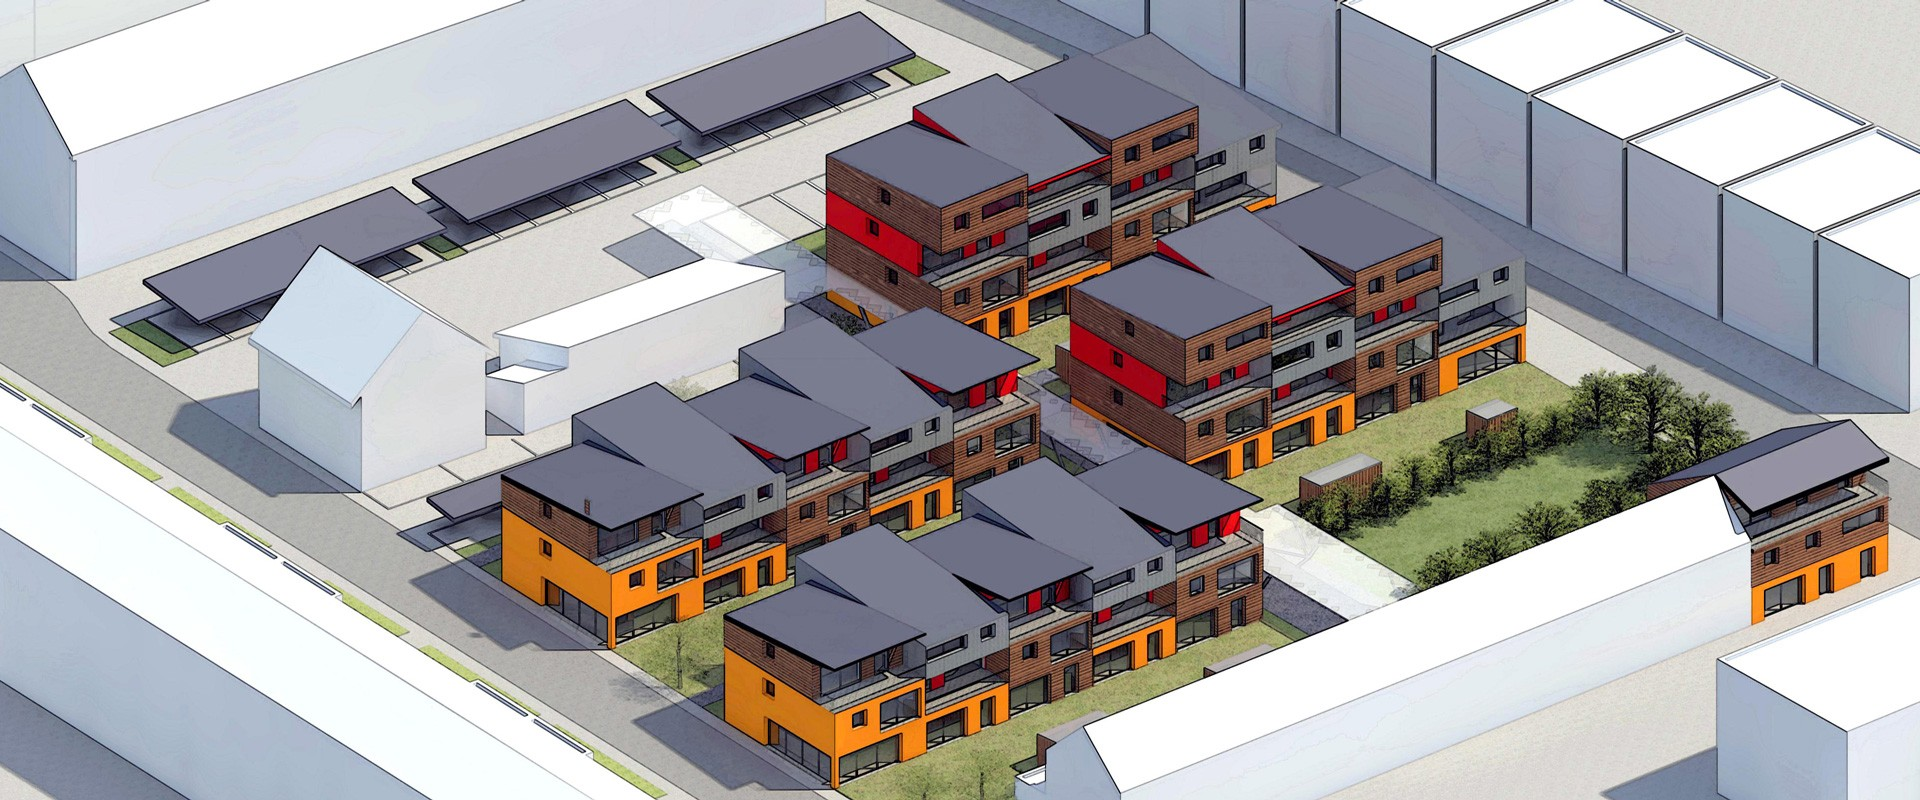 Construction ecoquartier